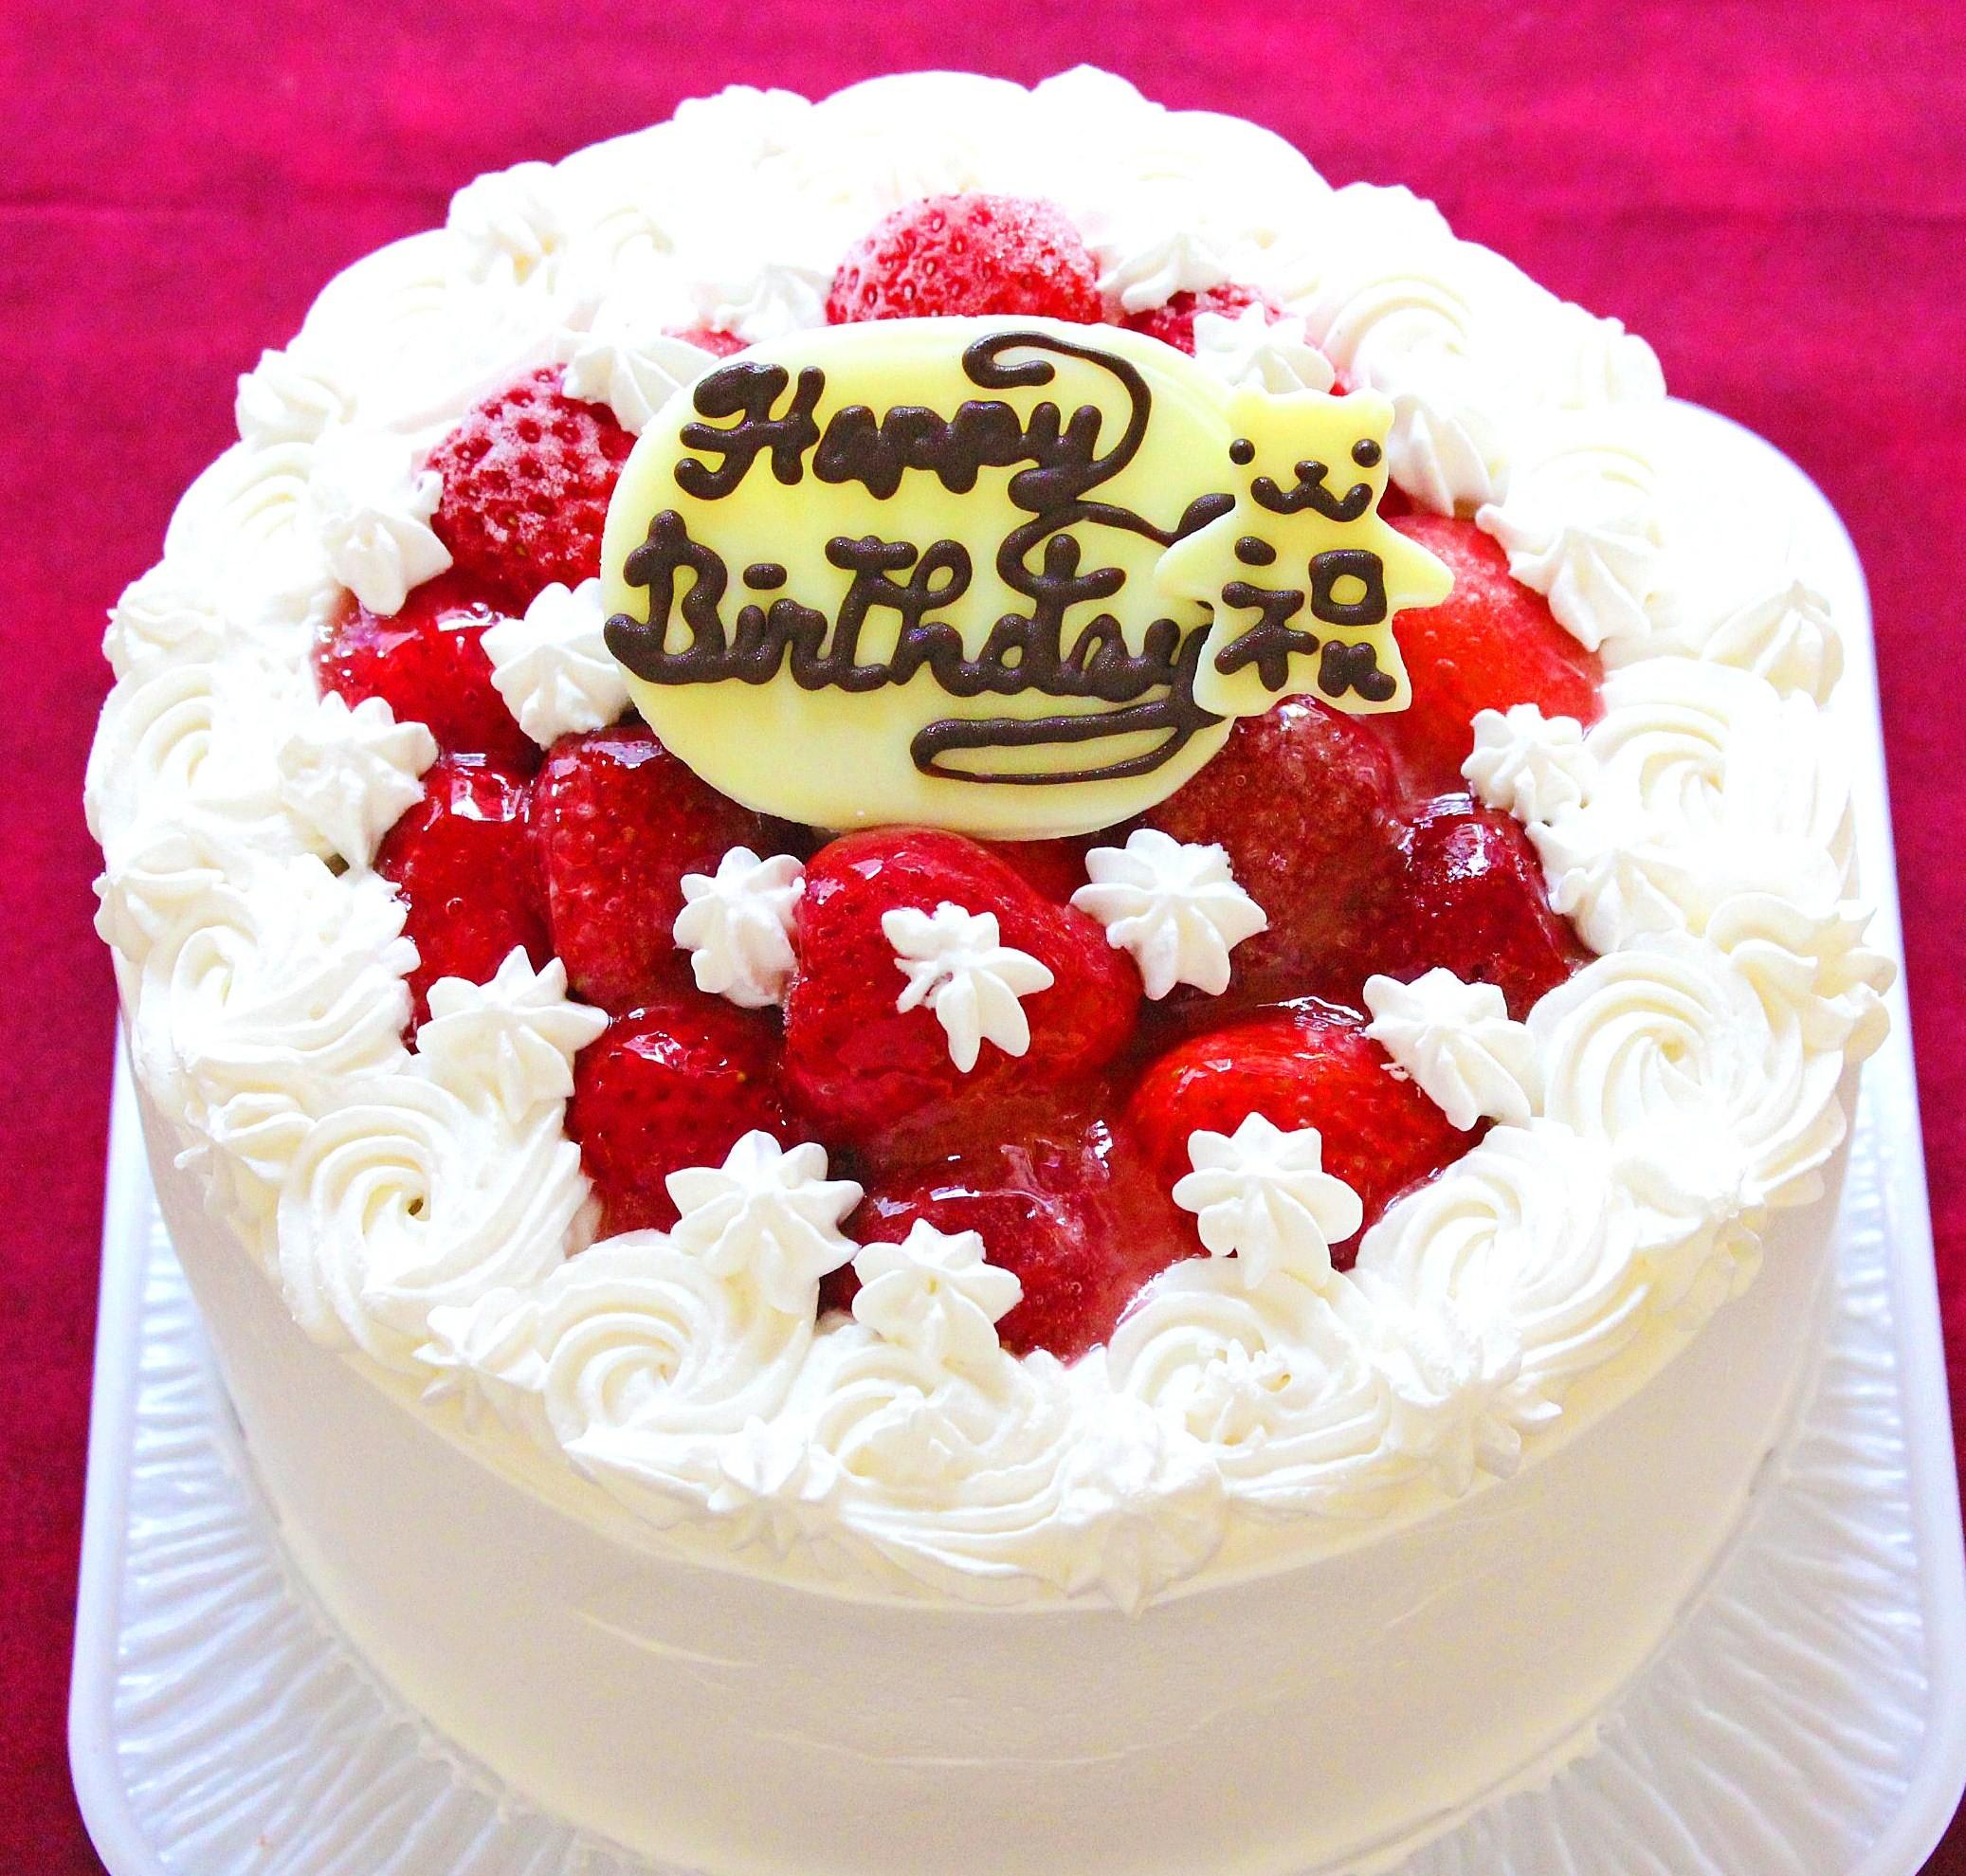 北海道生クリーム使用☆苺のデコレーションケーキ  5号の画像1枚目